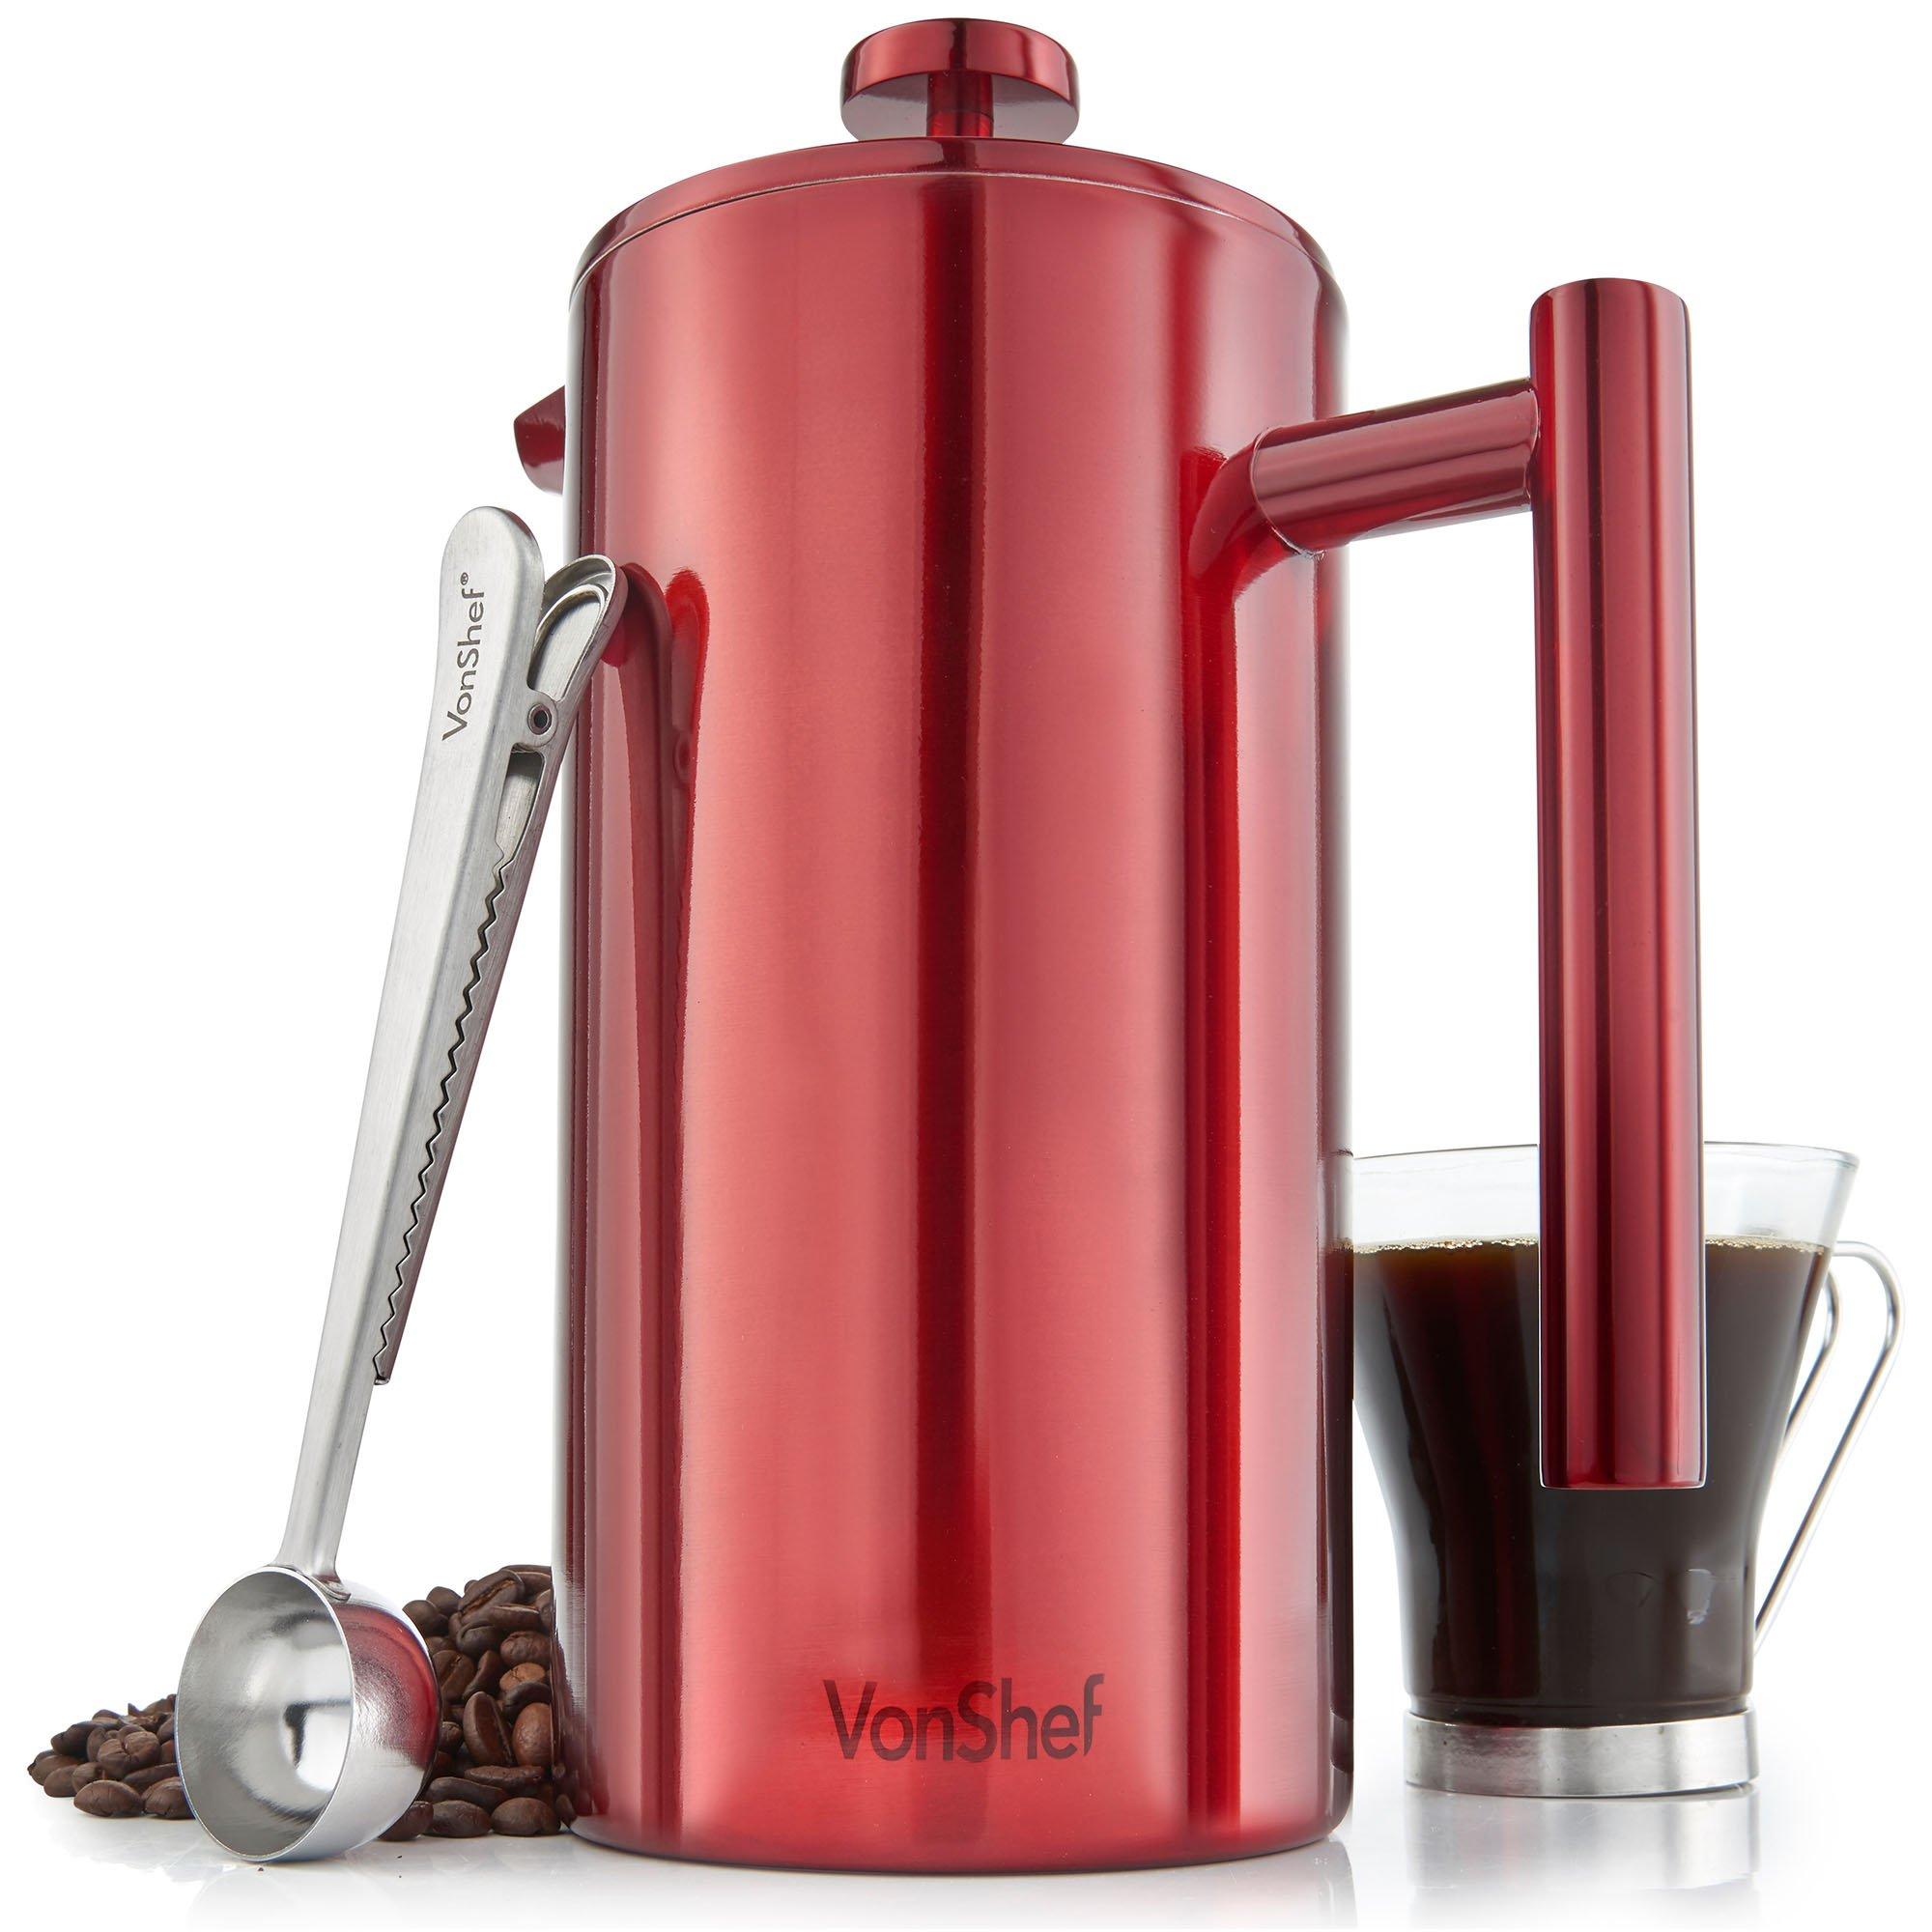 Cafetera de 12 Tazas VonShef en Acero Inoxidable Pulido Rojo de Doble Pared y Filtro – incluye Cuchara Medidora y Pinza de Sellado de Bolsa: Amazon.es: Hogar